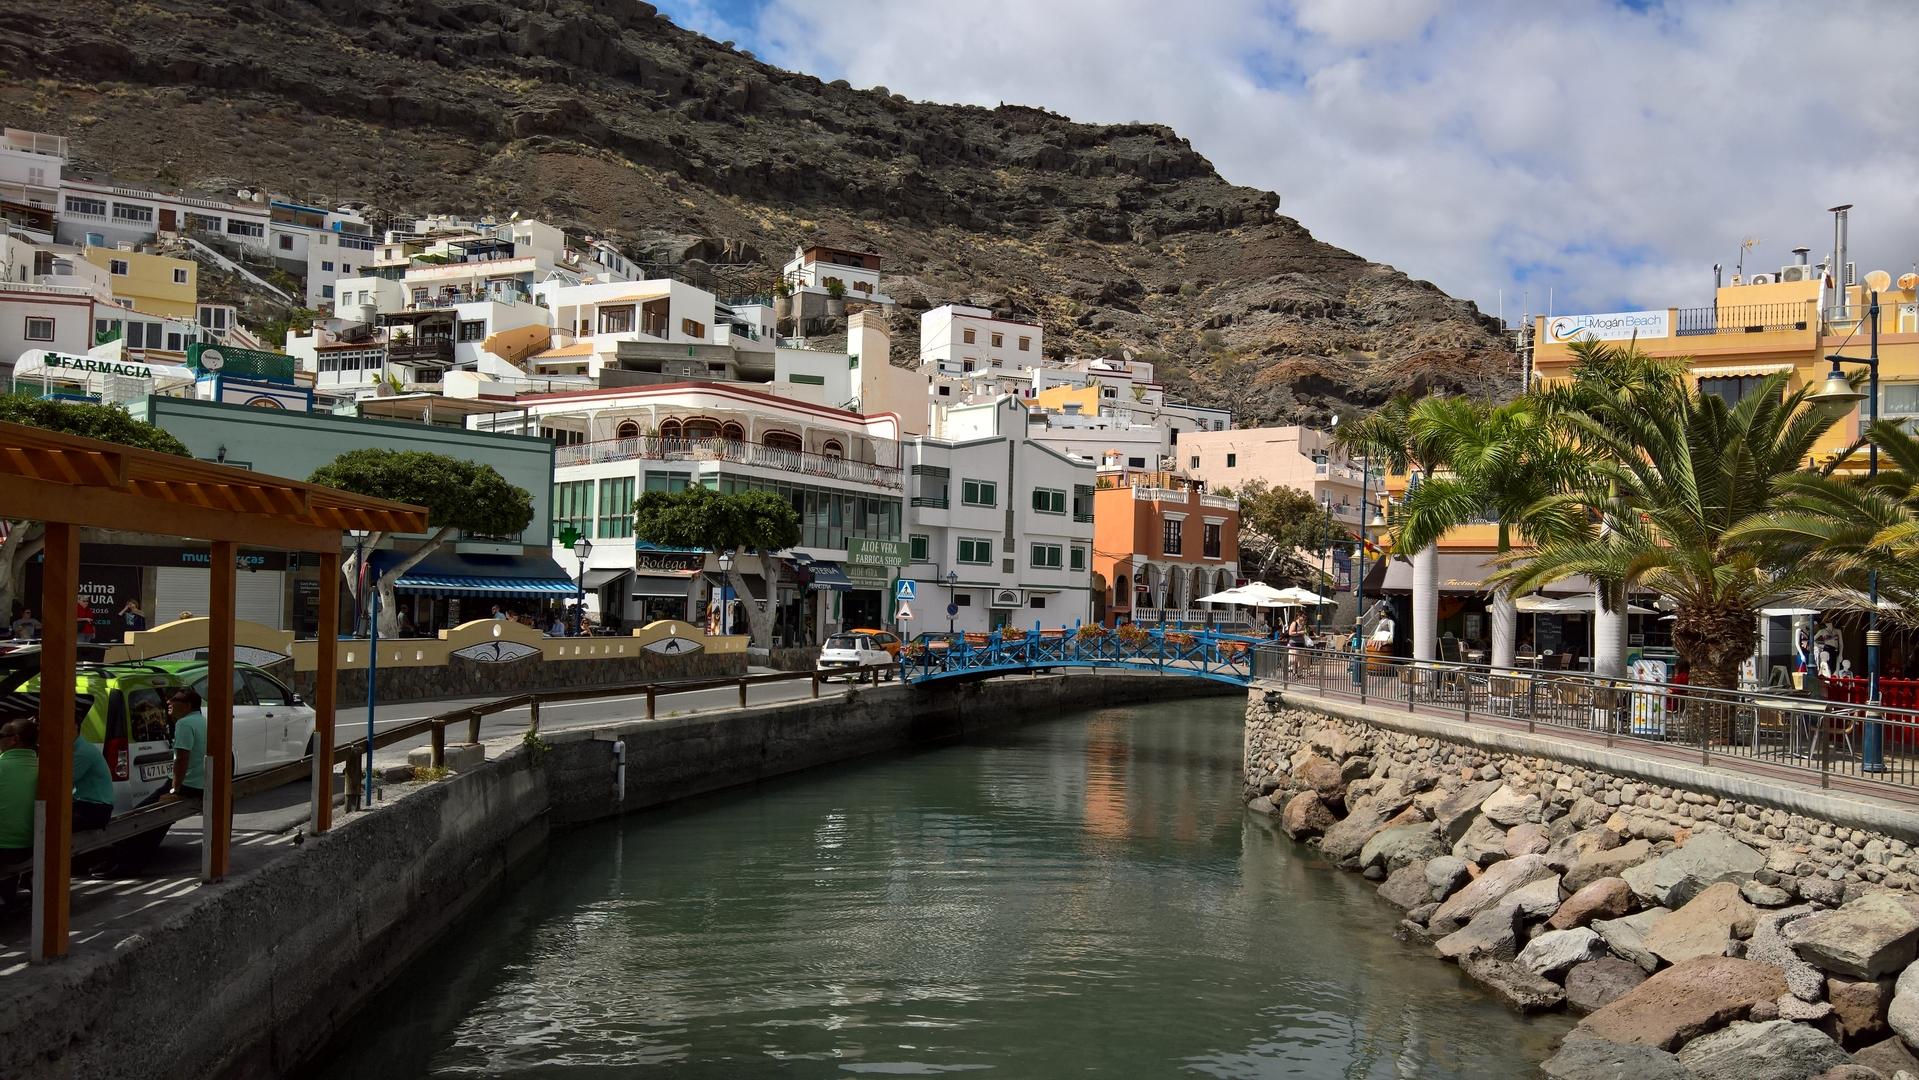 Puerto de Morgan - Blick in die Stadt